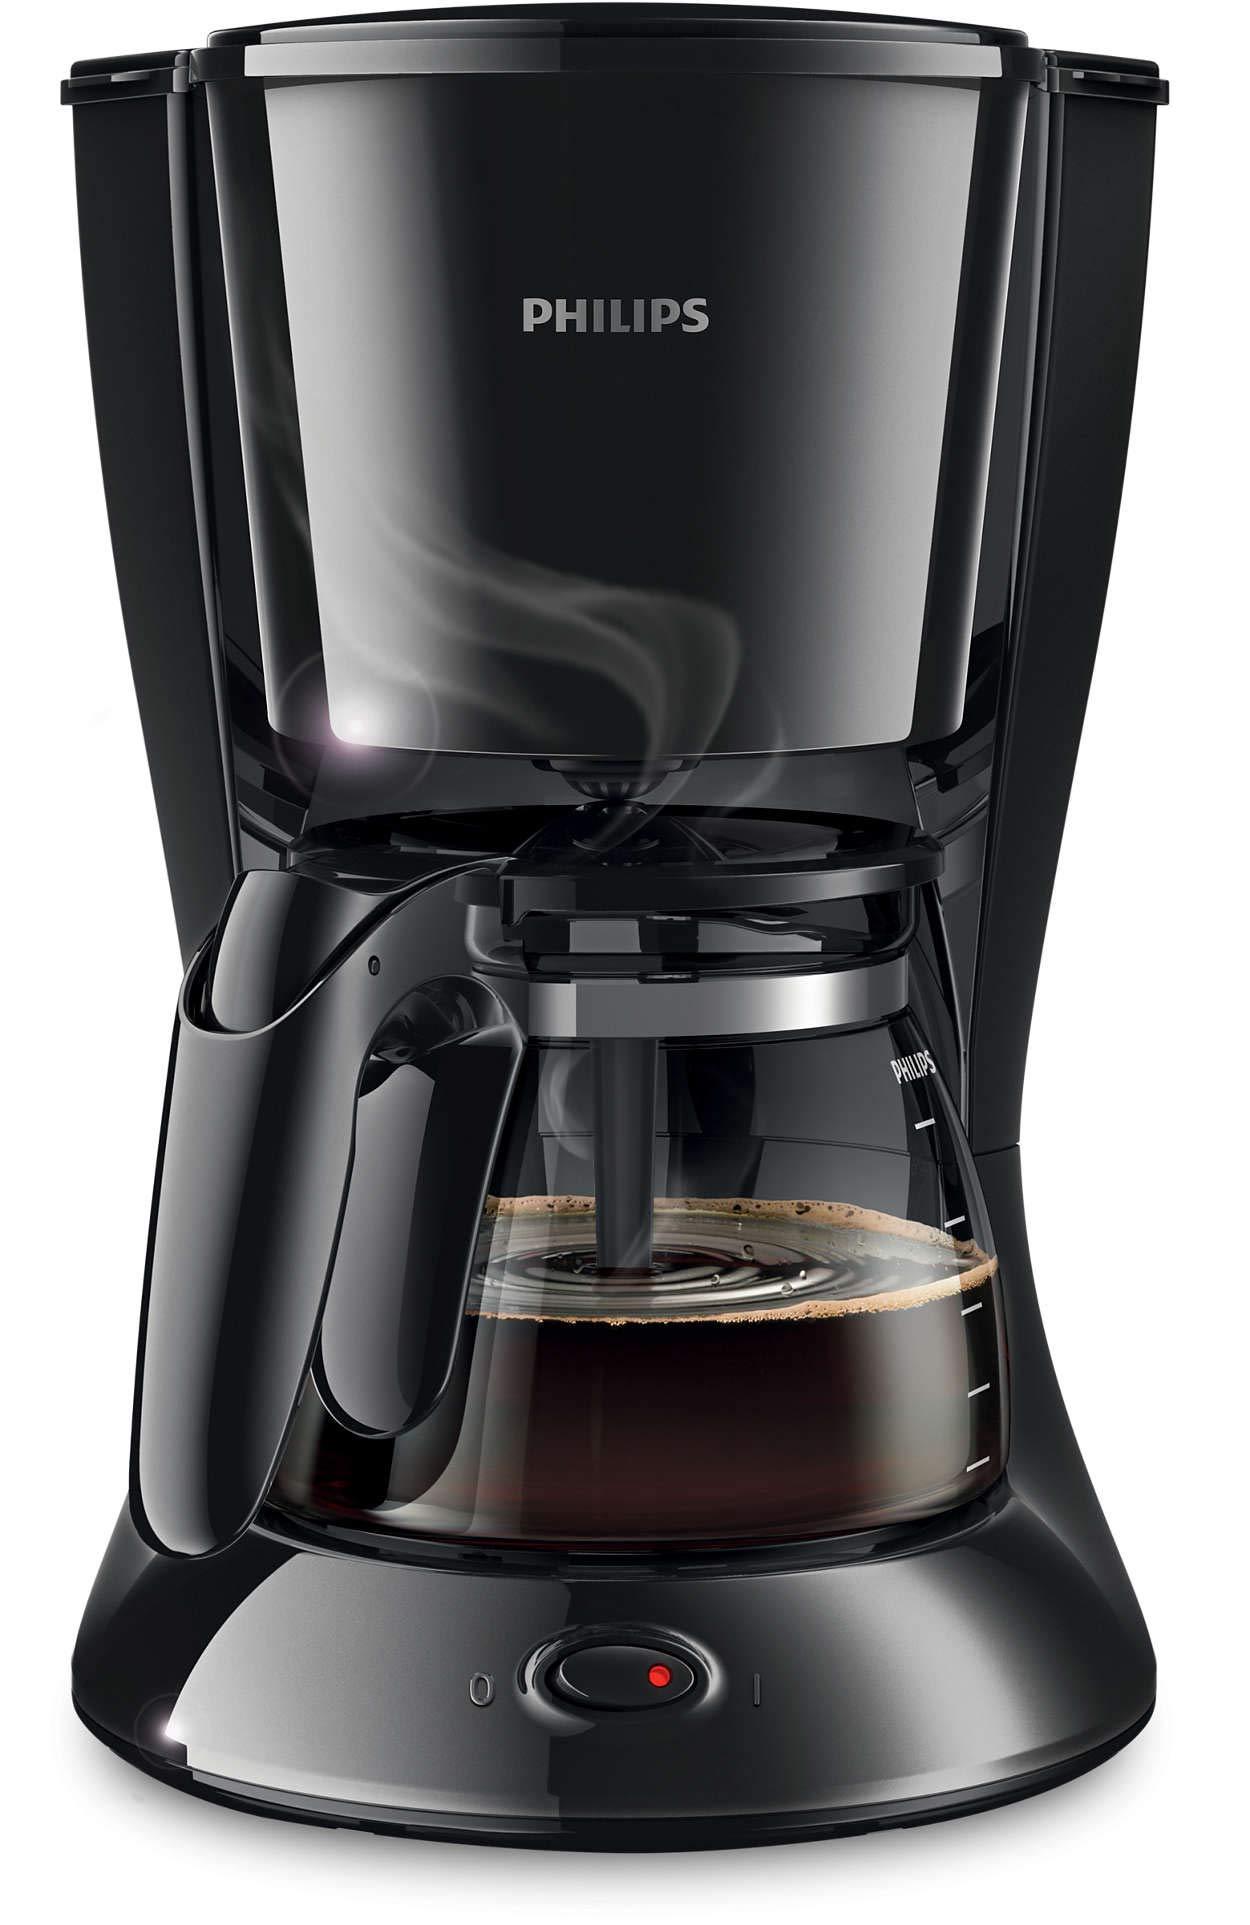 Philips-New-Daily-Kaffeemaschine-Aroma-Swirl-mit-Abschaltautomatik-Glaskanne